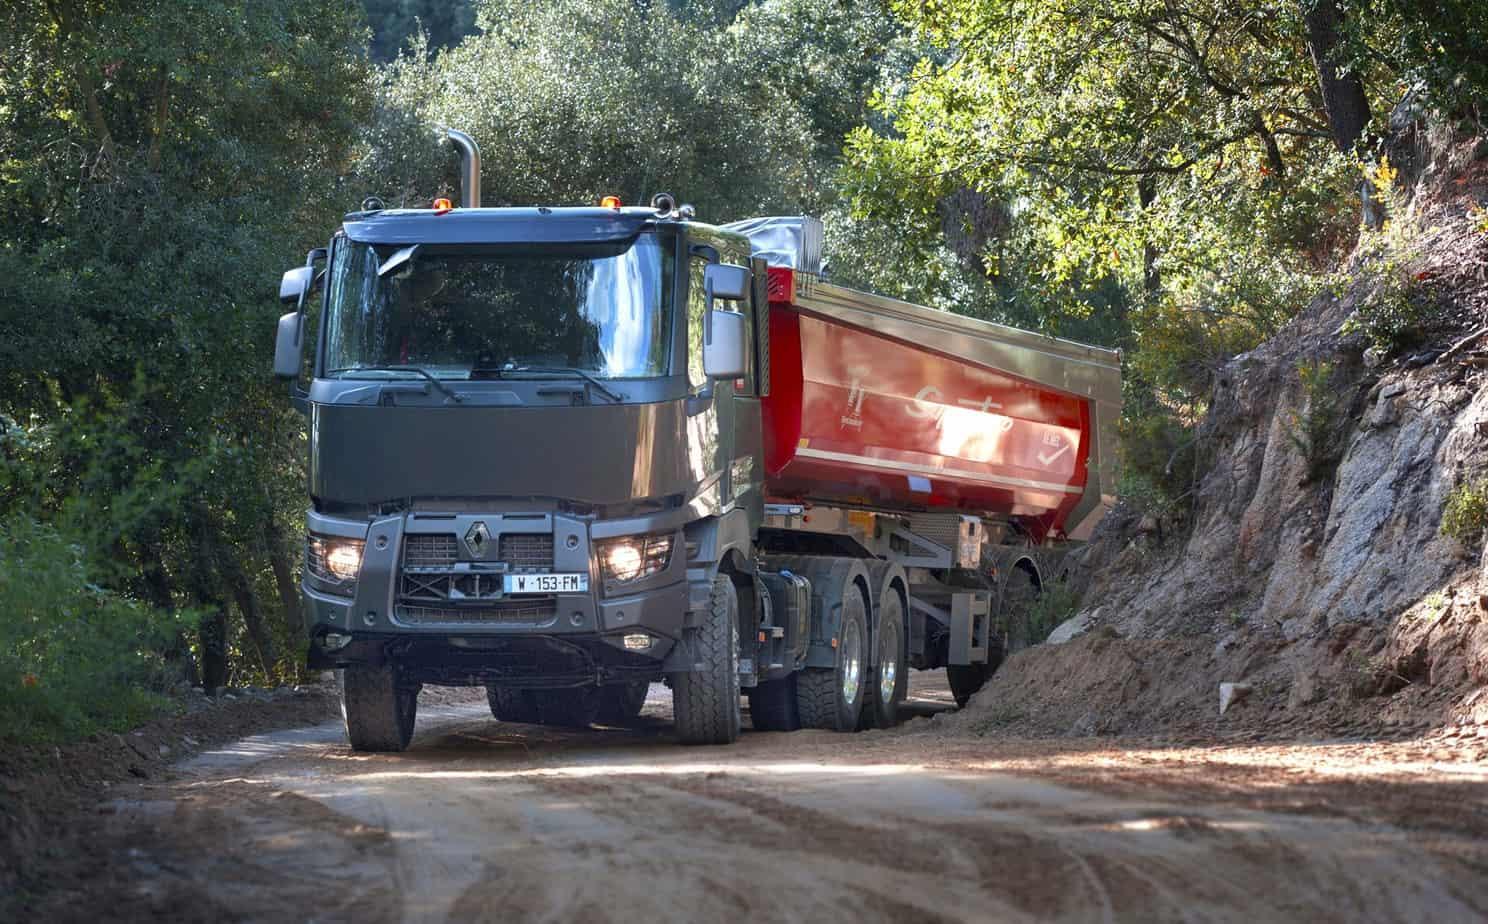 I veicoli sono stati studiati per rispondere alle esigenze di chi opera sui cantieri o li approvvigiona